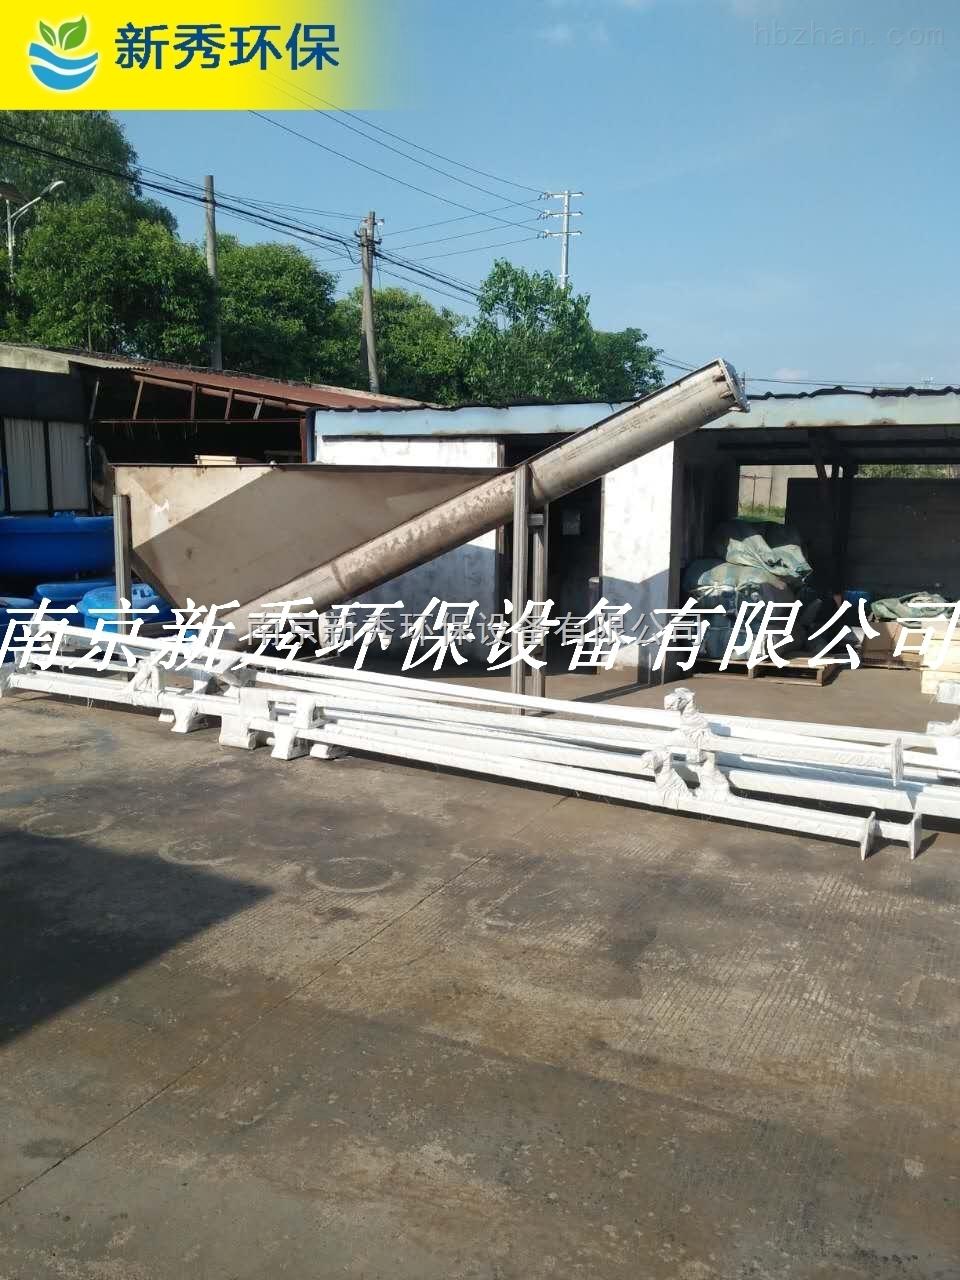 相关产品批发价格和供应信息 中国环保在线